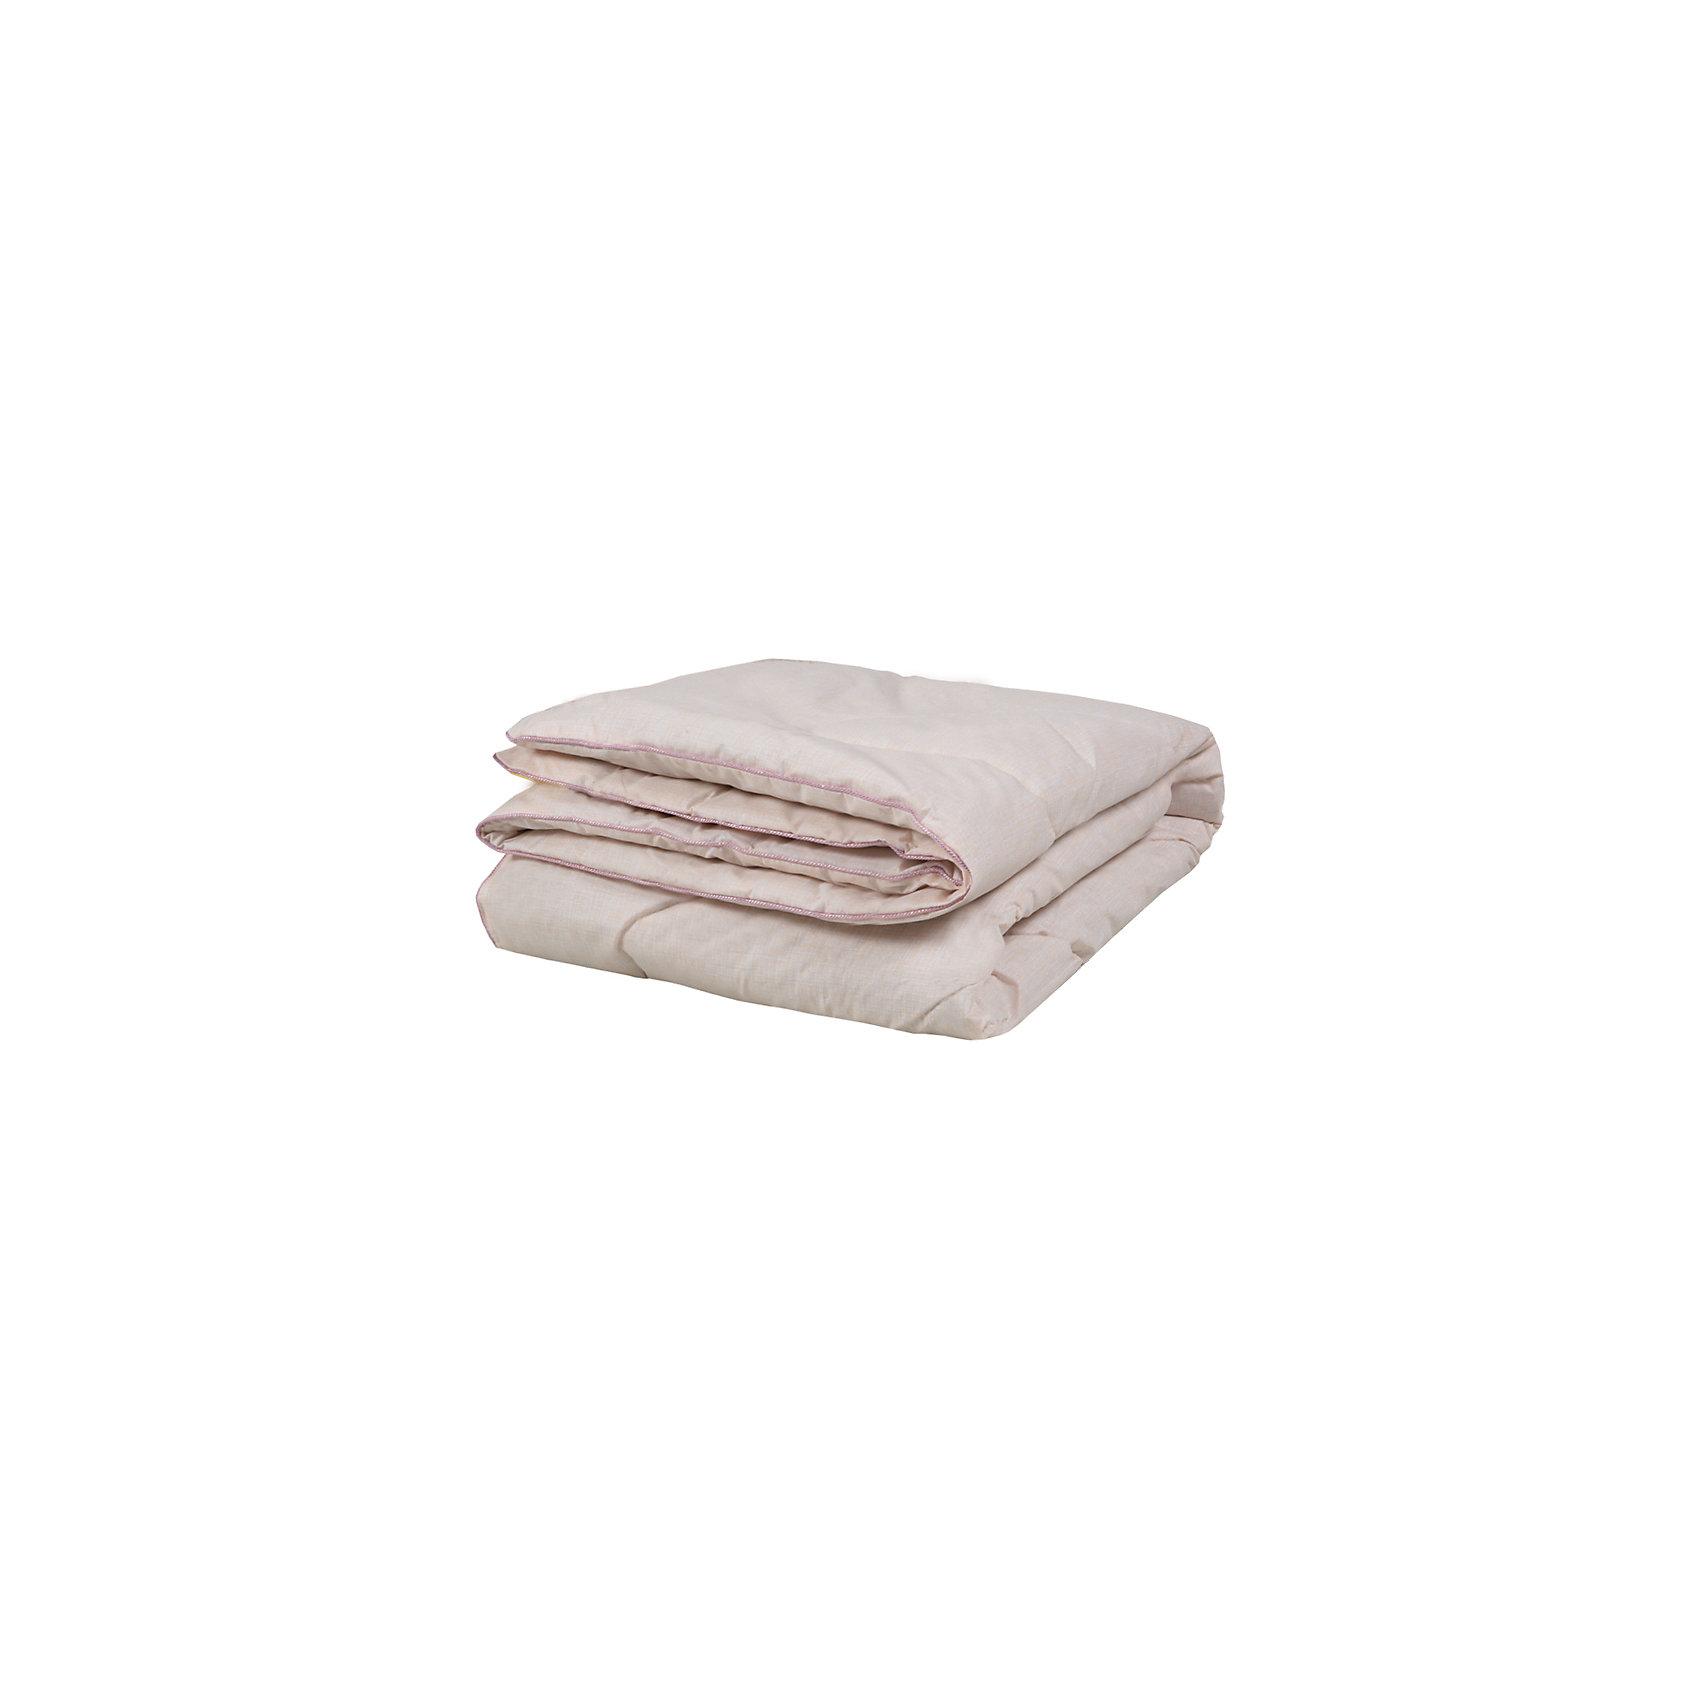 Одеяло 140*205 с льняным волокном, Mona LizaДомашний текстиль<br>Характеристики:<br><br>• размер одеяла: 140х205 см<br>• материал верха: 100% полиэстер<br>• наполнитель: 30% лён, 70% полиэстер<br>• размер упаковки: 47х20х47 см<br>• вес: 1450 грамм<br><br>Одеяло с льняным волокном от Mona Liza - высококачественное изделие, которое согреет вас и подарит ощущение уюта и комфорта во время сна. Одеяло обеспечивает правильную терморегуляцию, а также обладает такими важными свойствами как гигроскопичность, антибактериальность, износостойкость и гипоаллергенность. Материал одеяла приятен телу, не вызывает аллергических реакций. Наполнитель устойчив к образованию комков.<br><br>Одеяло 140*205 с льняным волокном, Mona Liza (Мона Лиза) вы можете купить в нашем интернет-магазине.<br><br>Ширина мм: 470<br>Глубина мм: 200<br>Высота мм: 470<br>Вес г: 1450<br>Возраст от месяцев: 84<br>Возраст до месяцев: 600<br>Пол: Унисекс<br>Возраст: Детский<br>SKU: 6765301